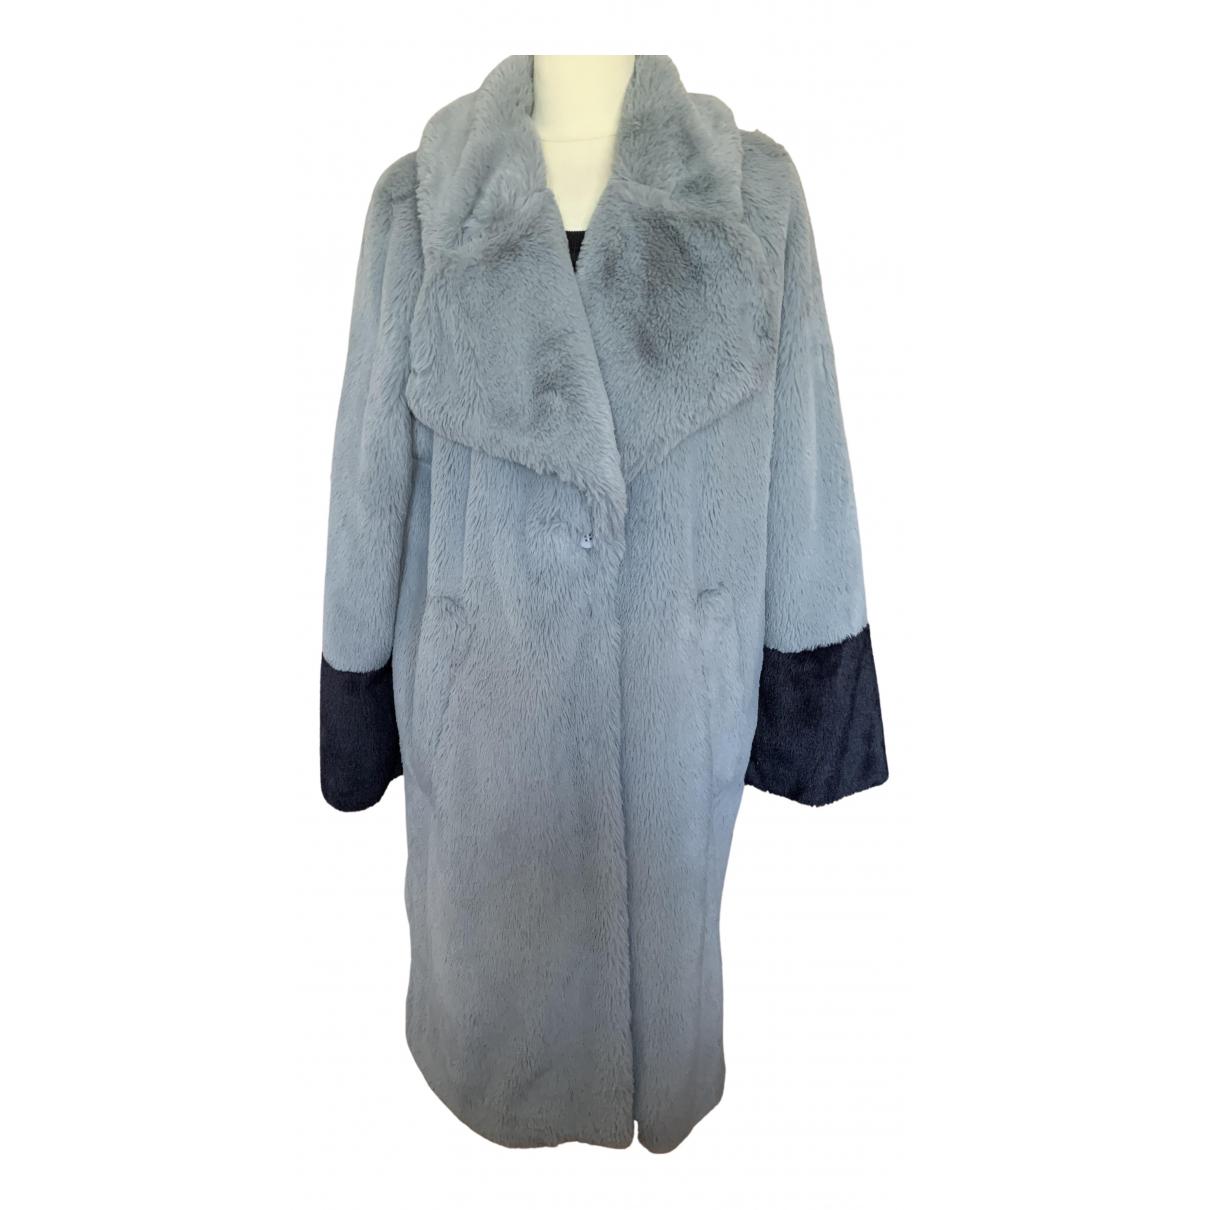 Baum Und Pferdgarten - Manteau   pour femme en fourrure synthetique - gris